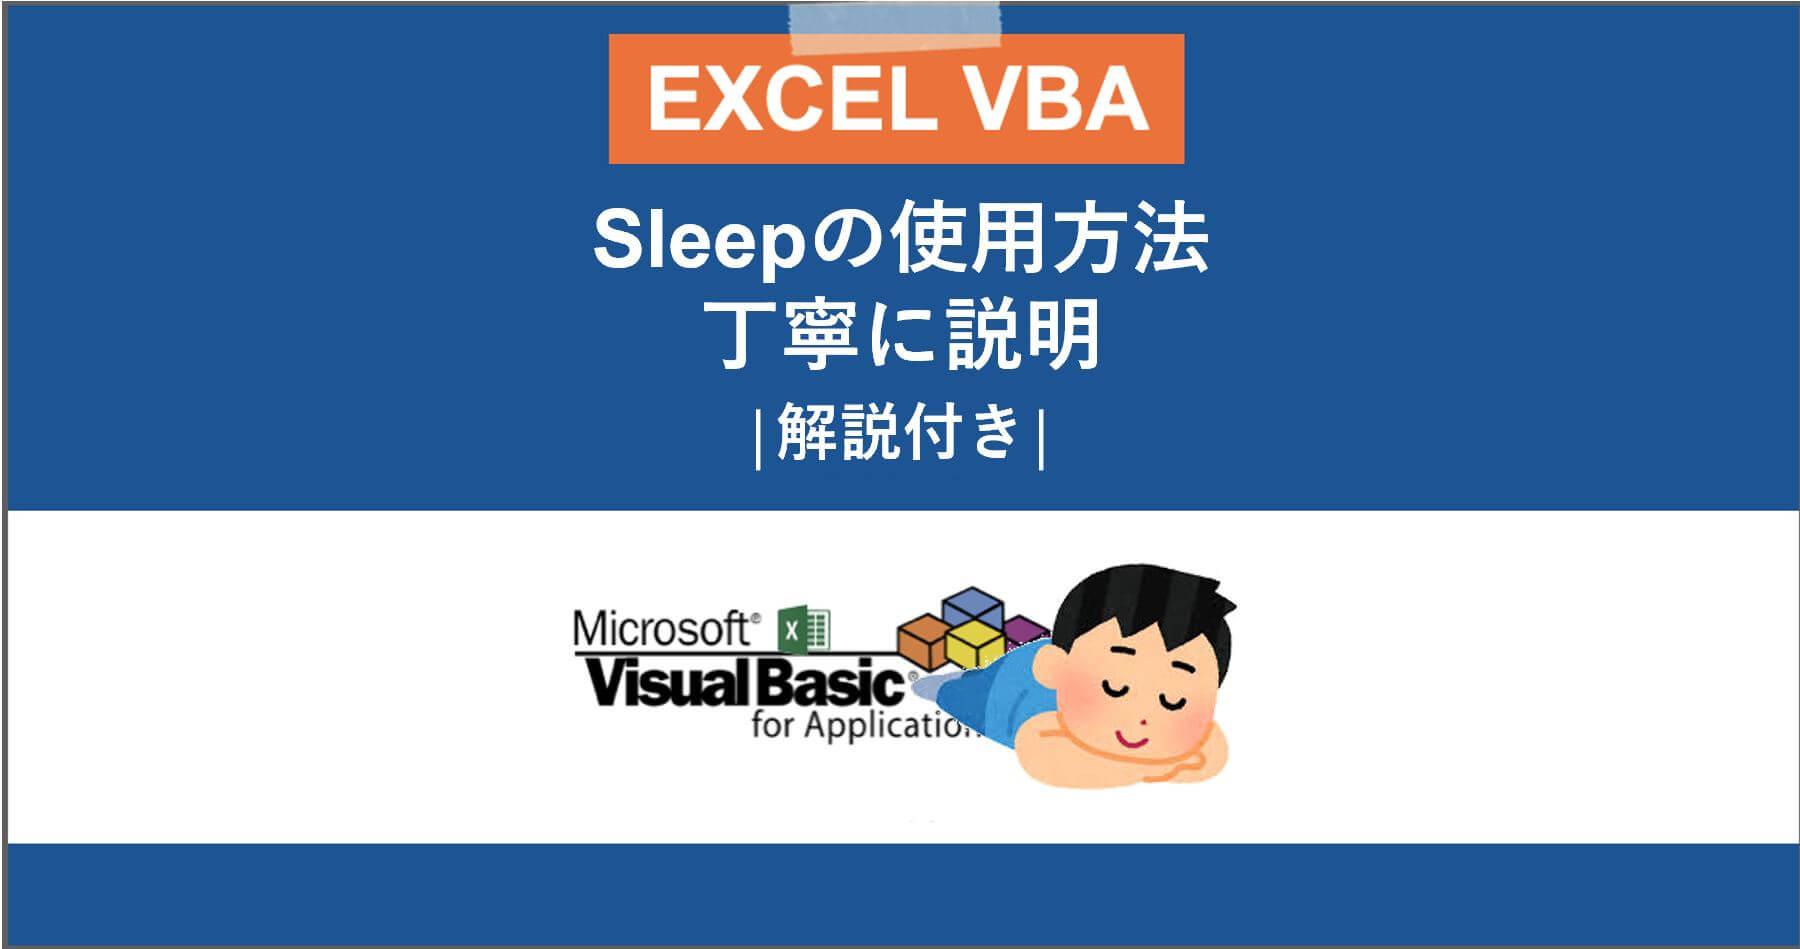 VBAでSleepを使用する方法を丁寧に説明